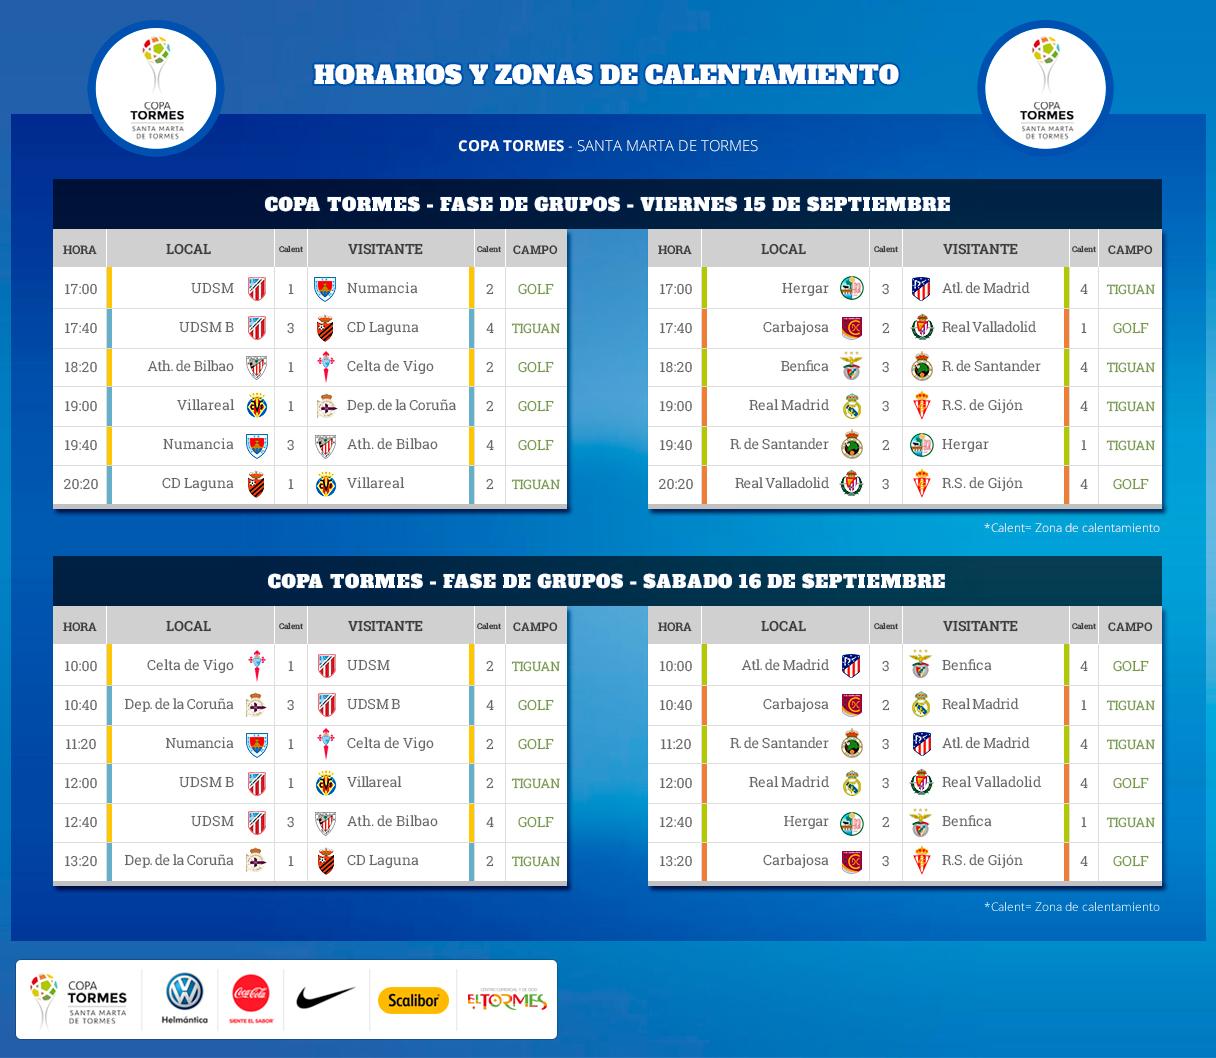 Horarios, cruces y calentamientos fase de grupos - Copa Tormes 2017